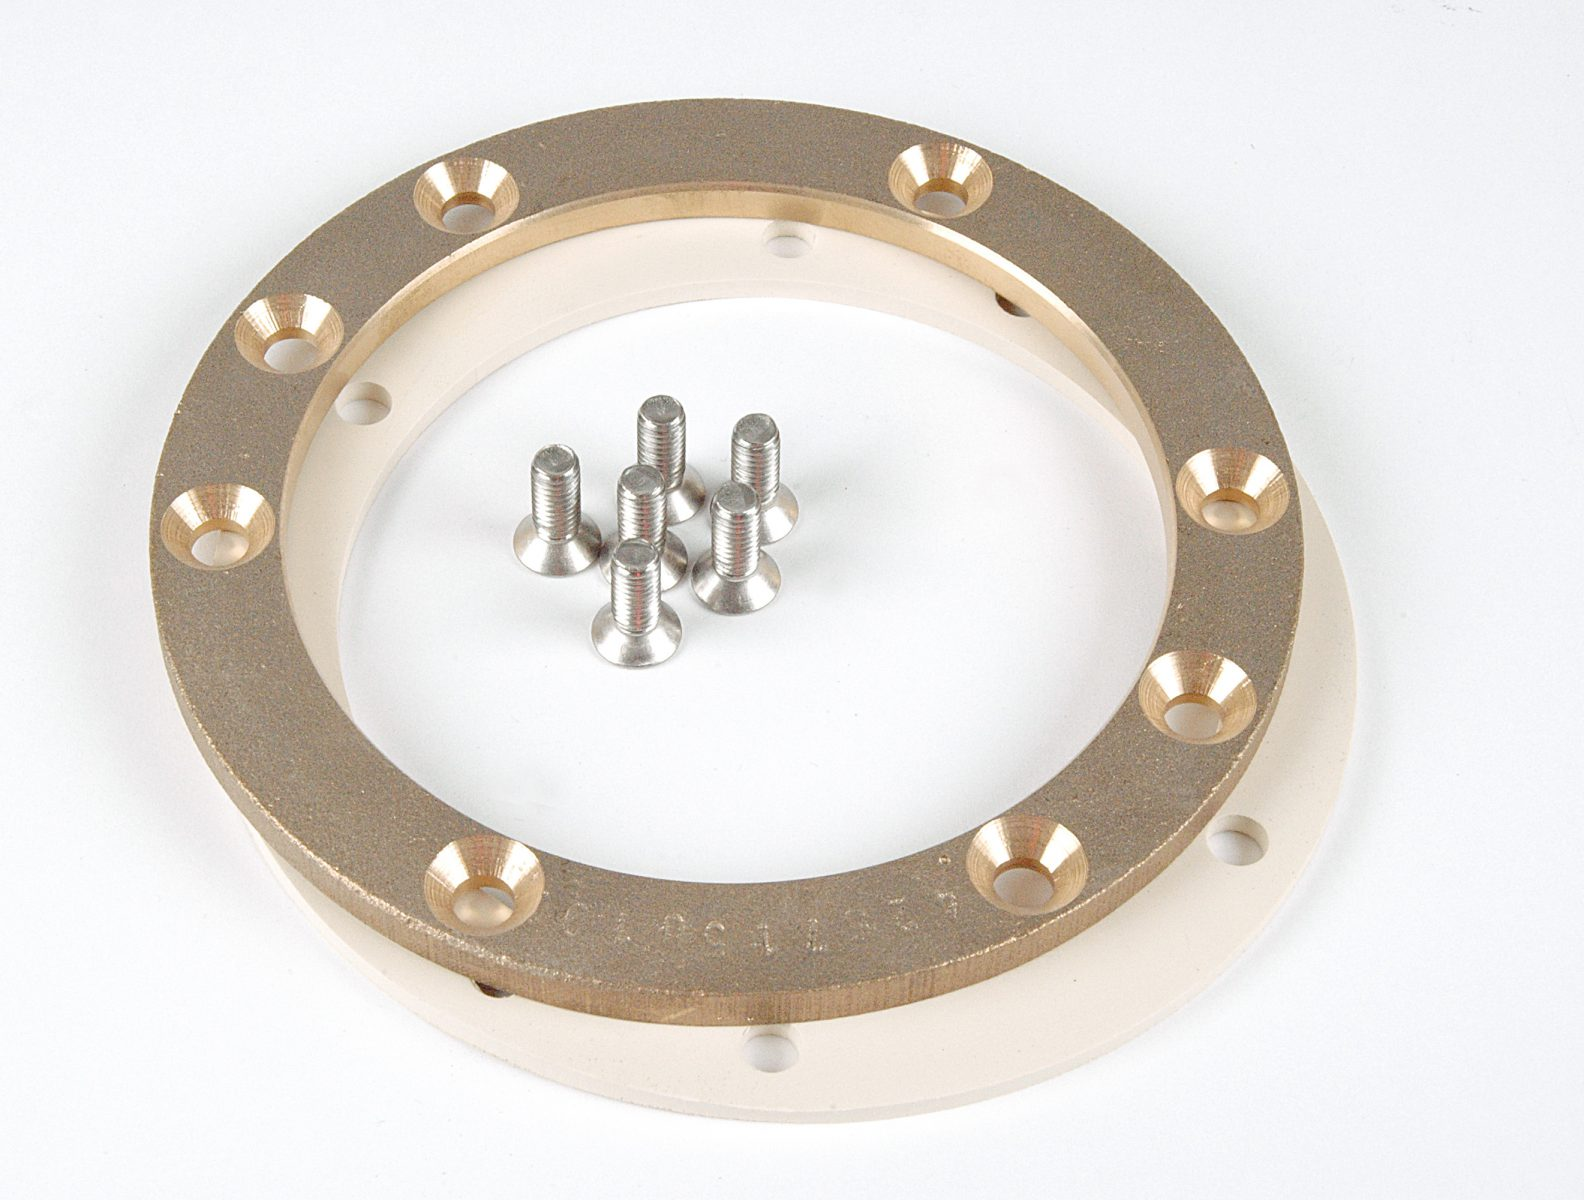 Фланец для закладной ниши из бронзы к прожекторам VitaLight O 150 мм